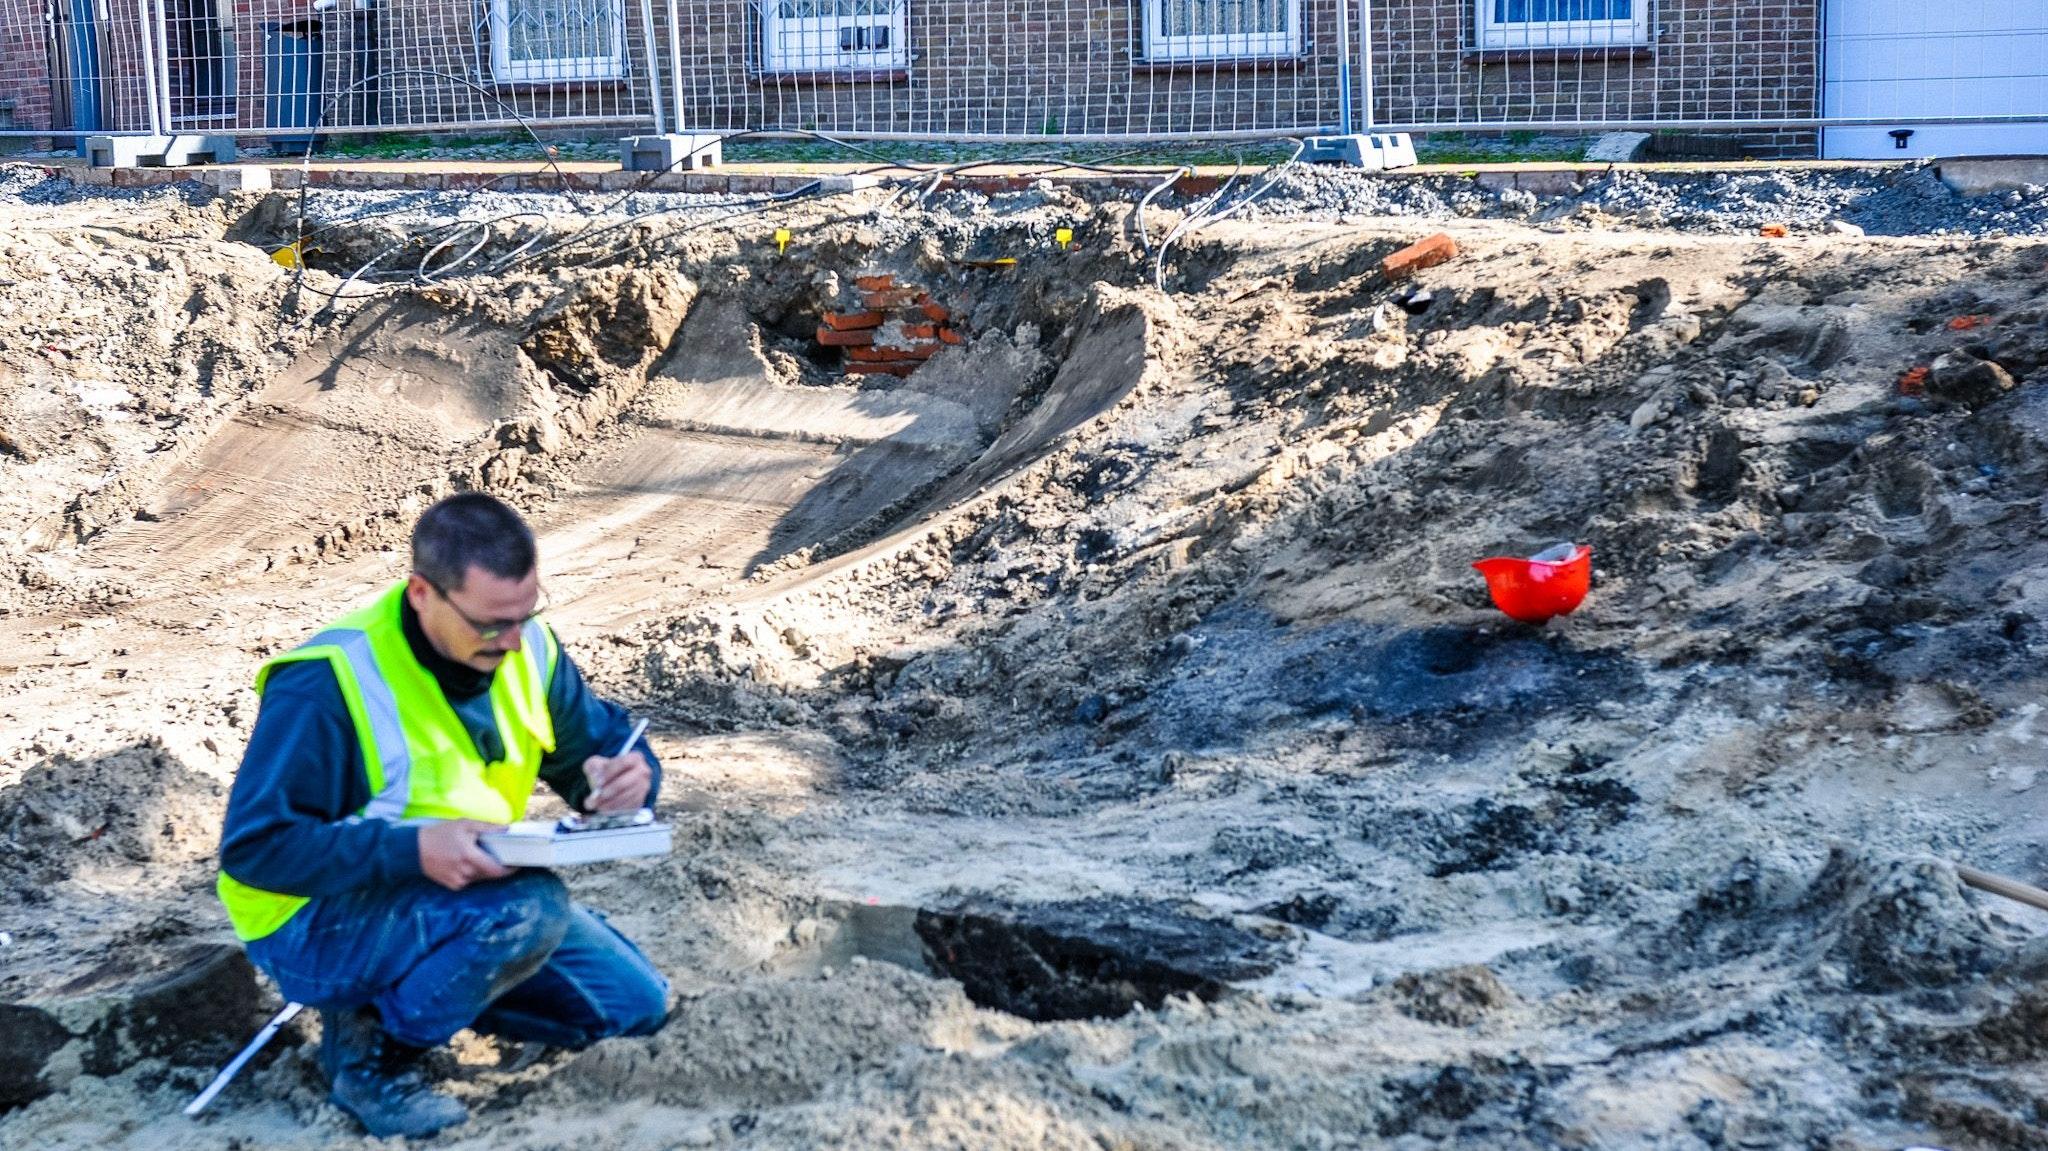 """DerArchäologe Falk Näth (""""Denkmal3D"""") dokumentiert und sichert die Funde in der Baugrube auf dem Grundstück ehemals Pundt/Schlarmann in der Lohner Innenstadt. Foto: Tombrägel"""